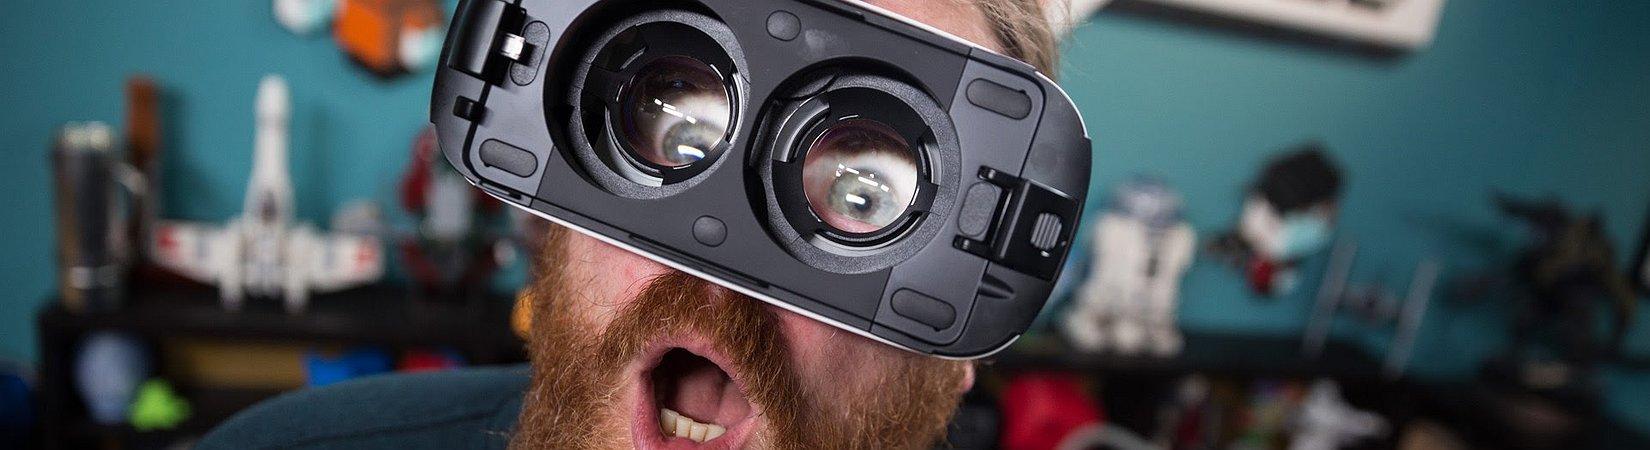 Facebook planea invertir más de 2.000 millones de $ en realidad virtual